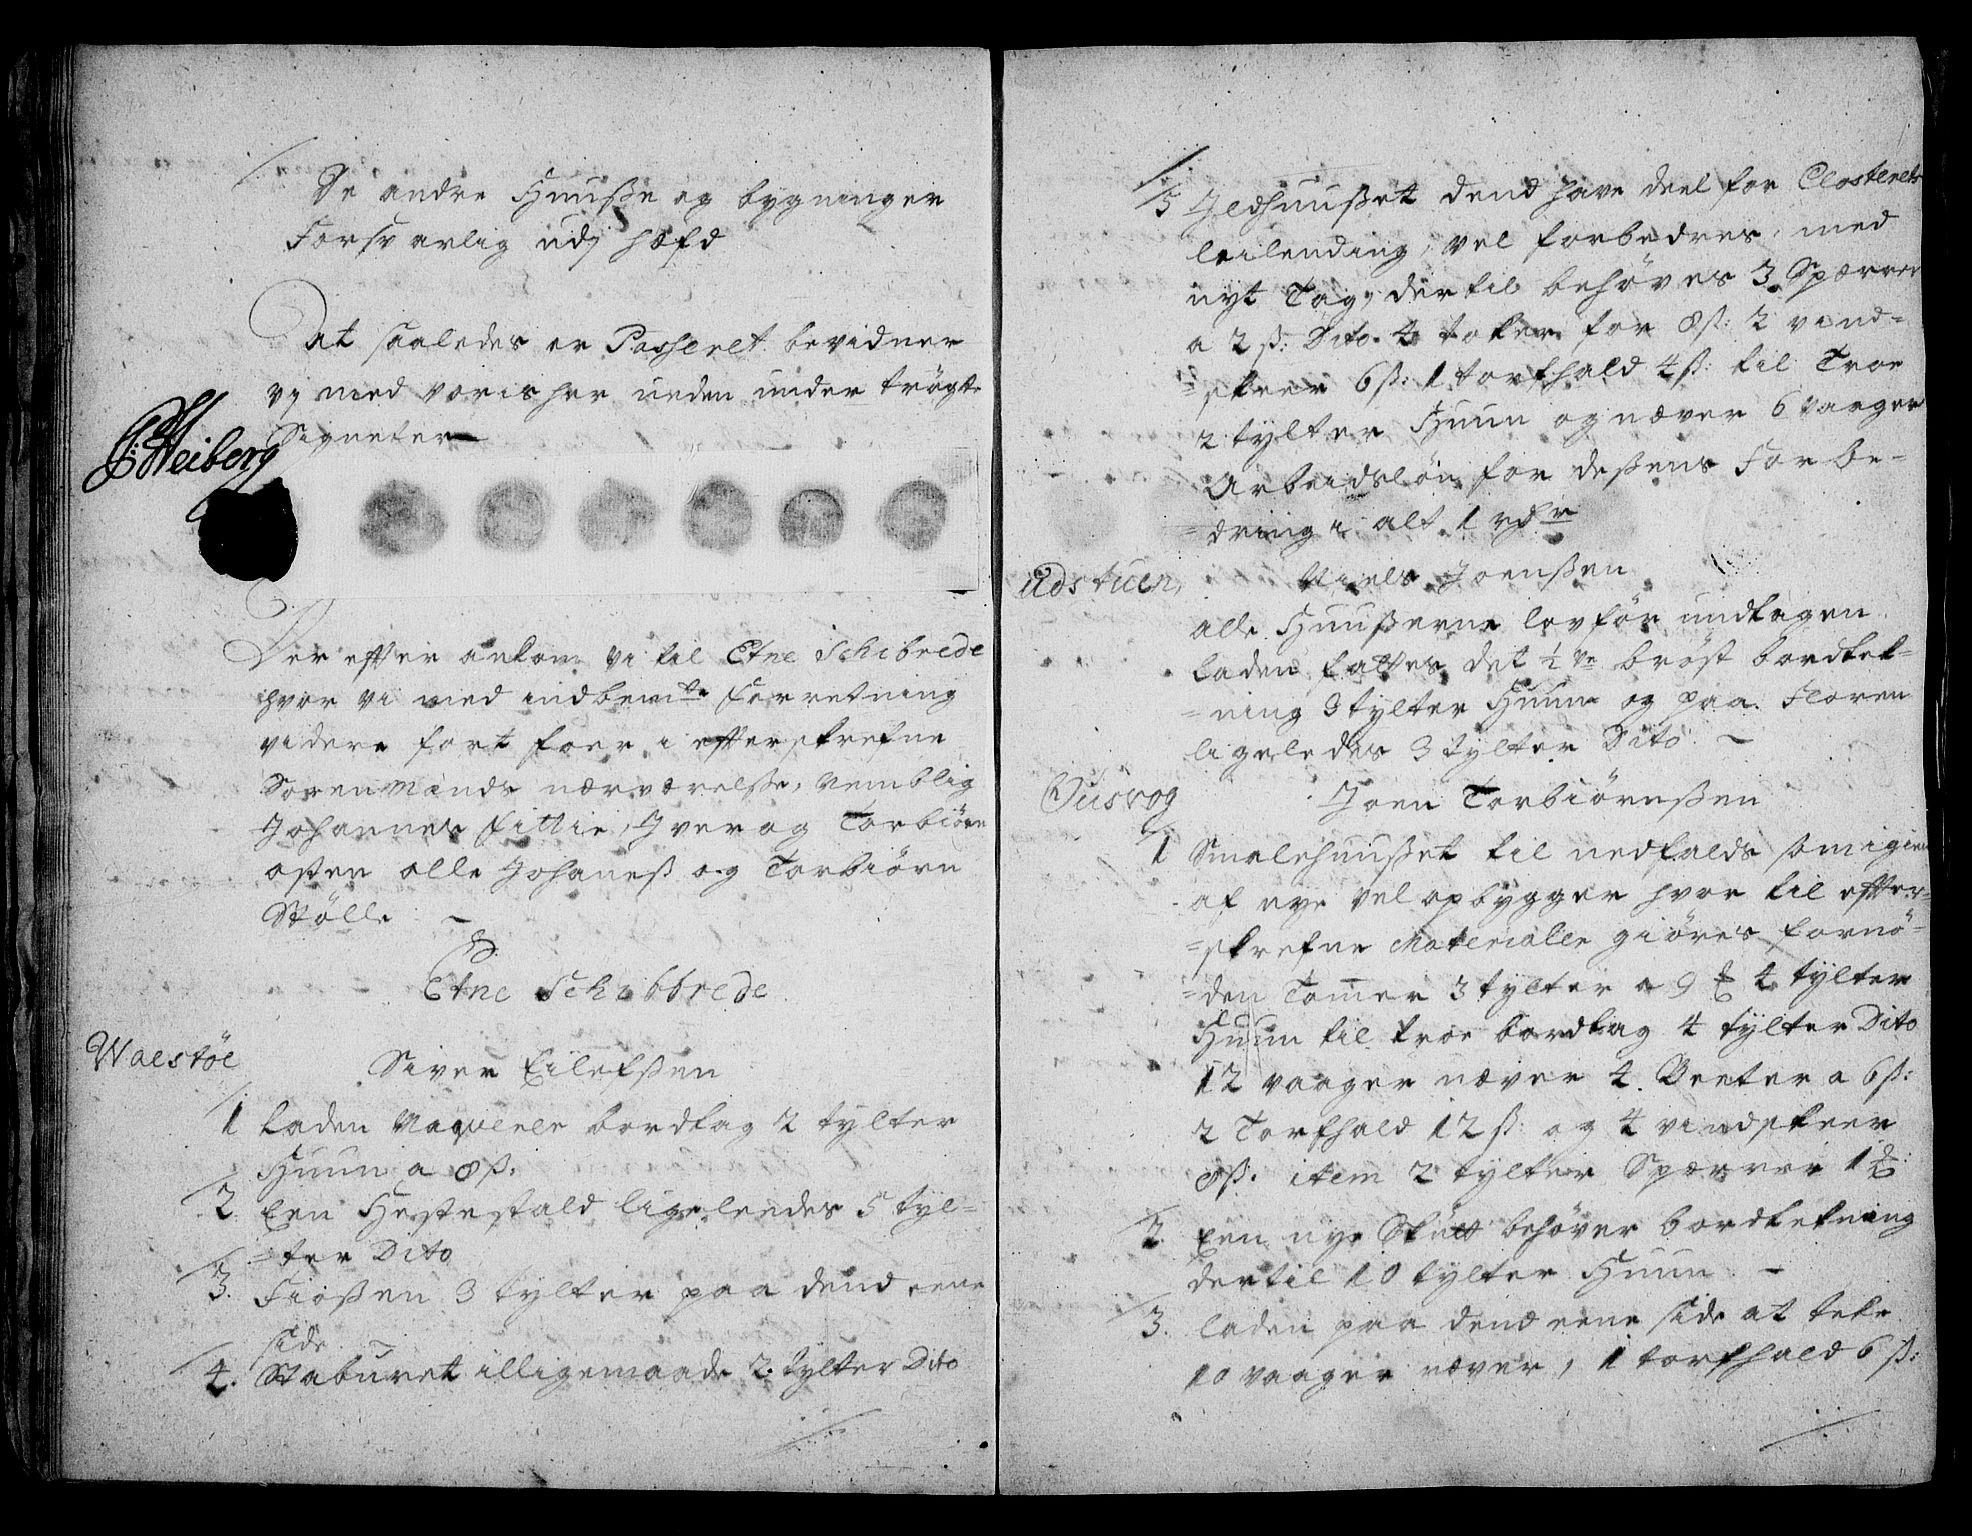 RA, Rentekammeret inntil 1814, Realistisk ordnet avdeling, On/L0003: [Jj 4]: Kommisjonsforretning over Vilhelm Hanssøns forpaktning av Halsnøy klosters gods, 1721-1729, s. 16